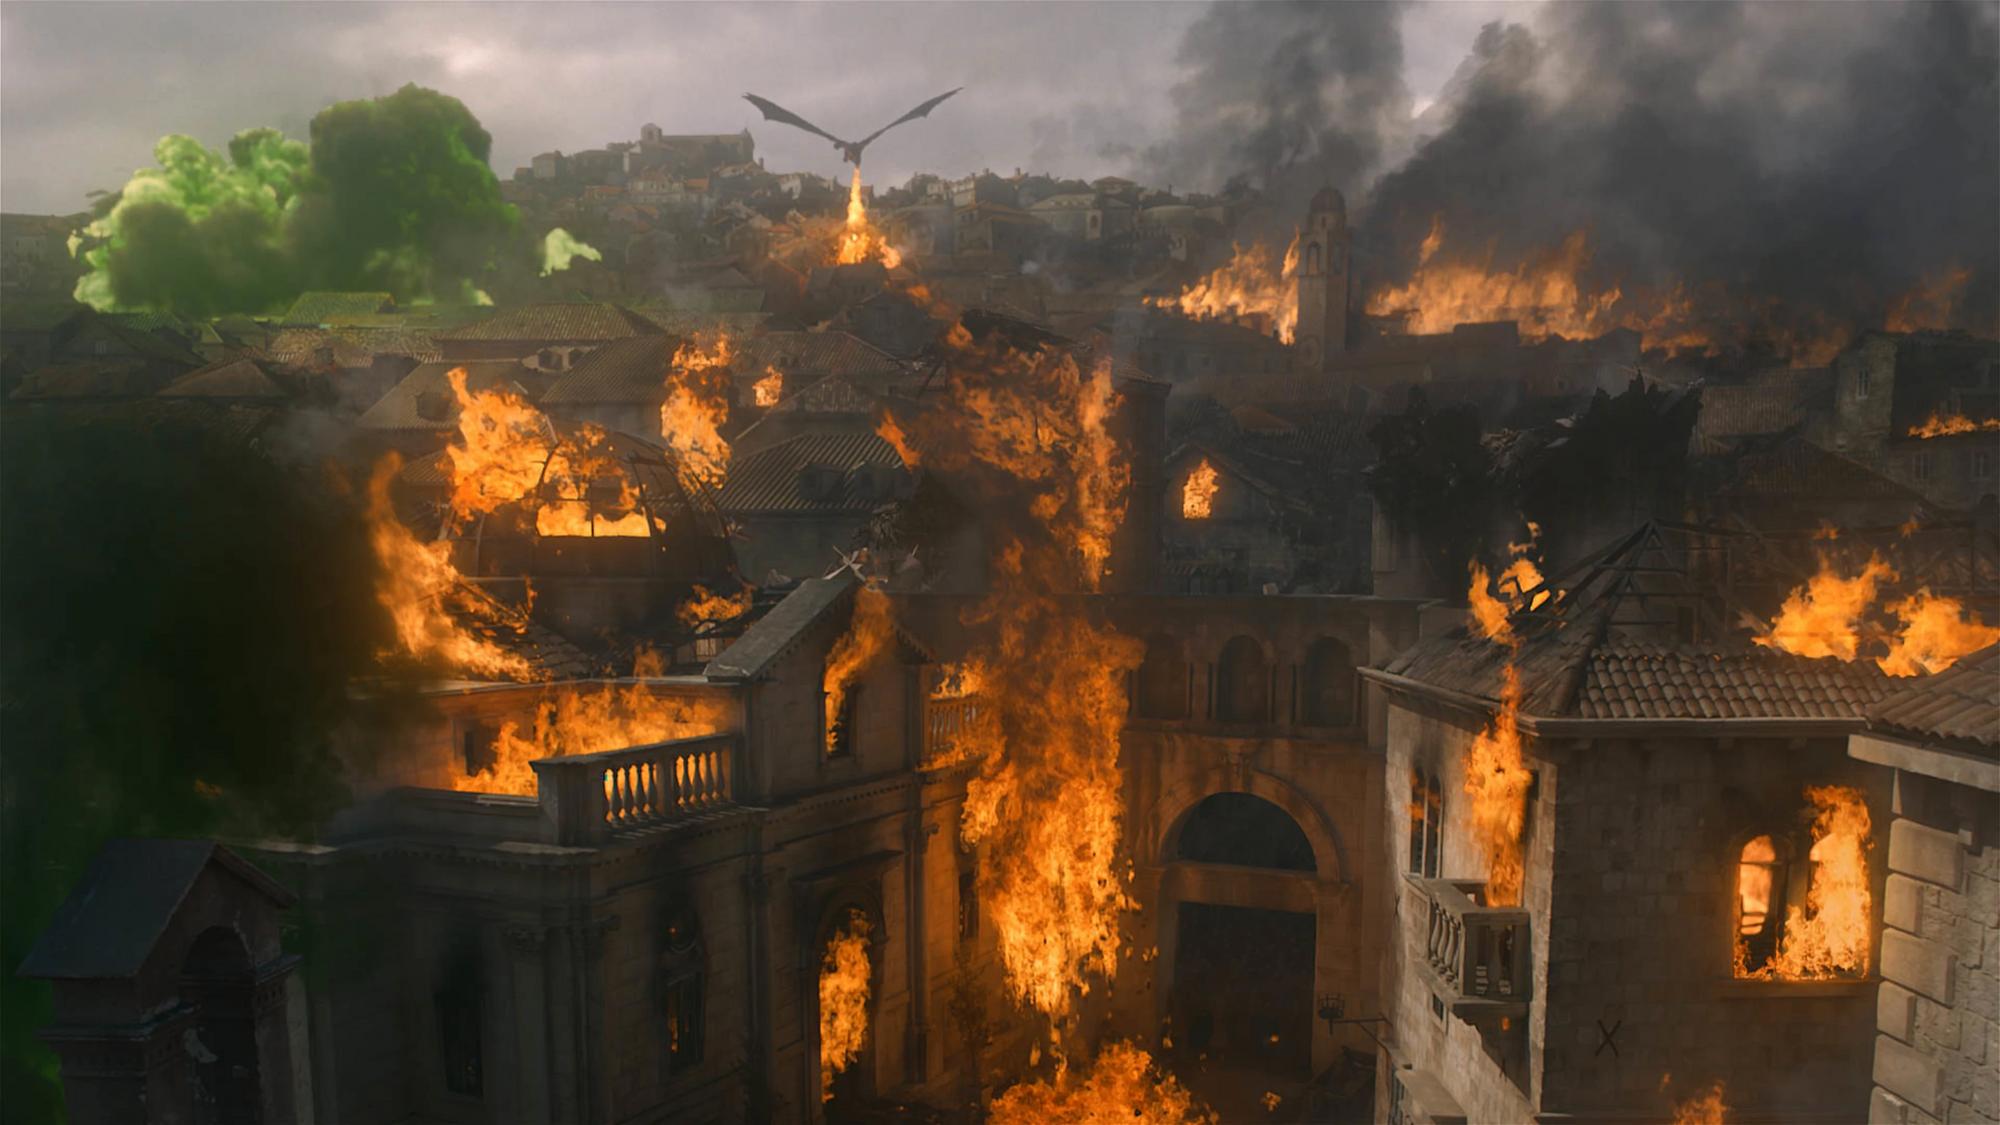 Daenerys Targaryen's war for Westeros | Game of Thrones Wiki